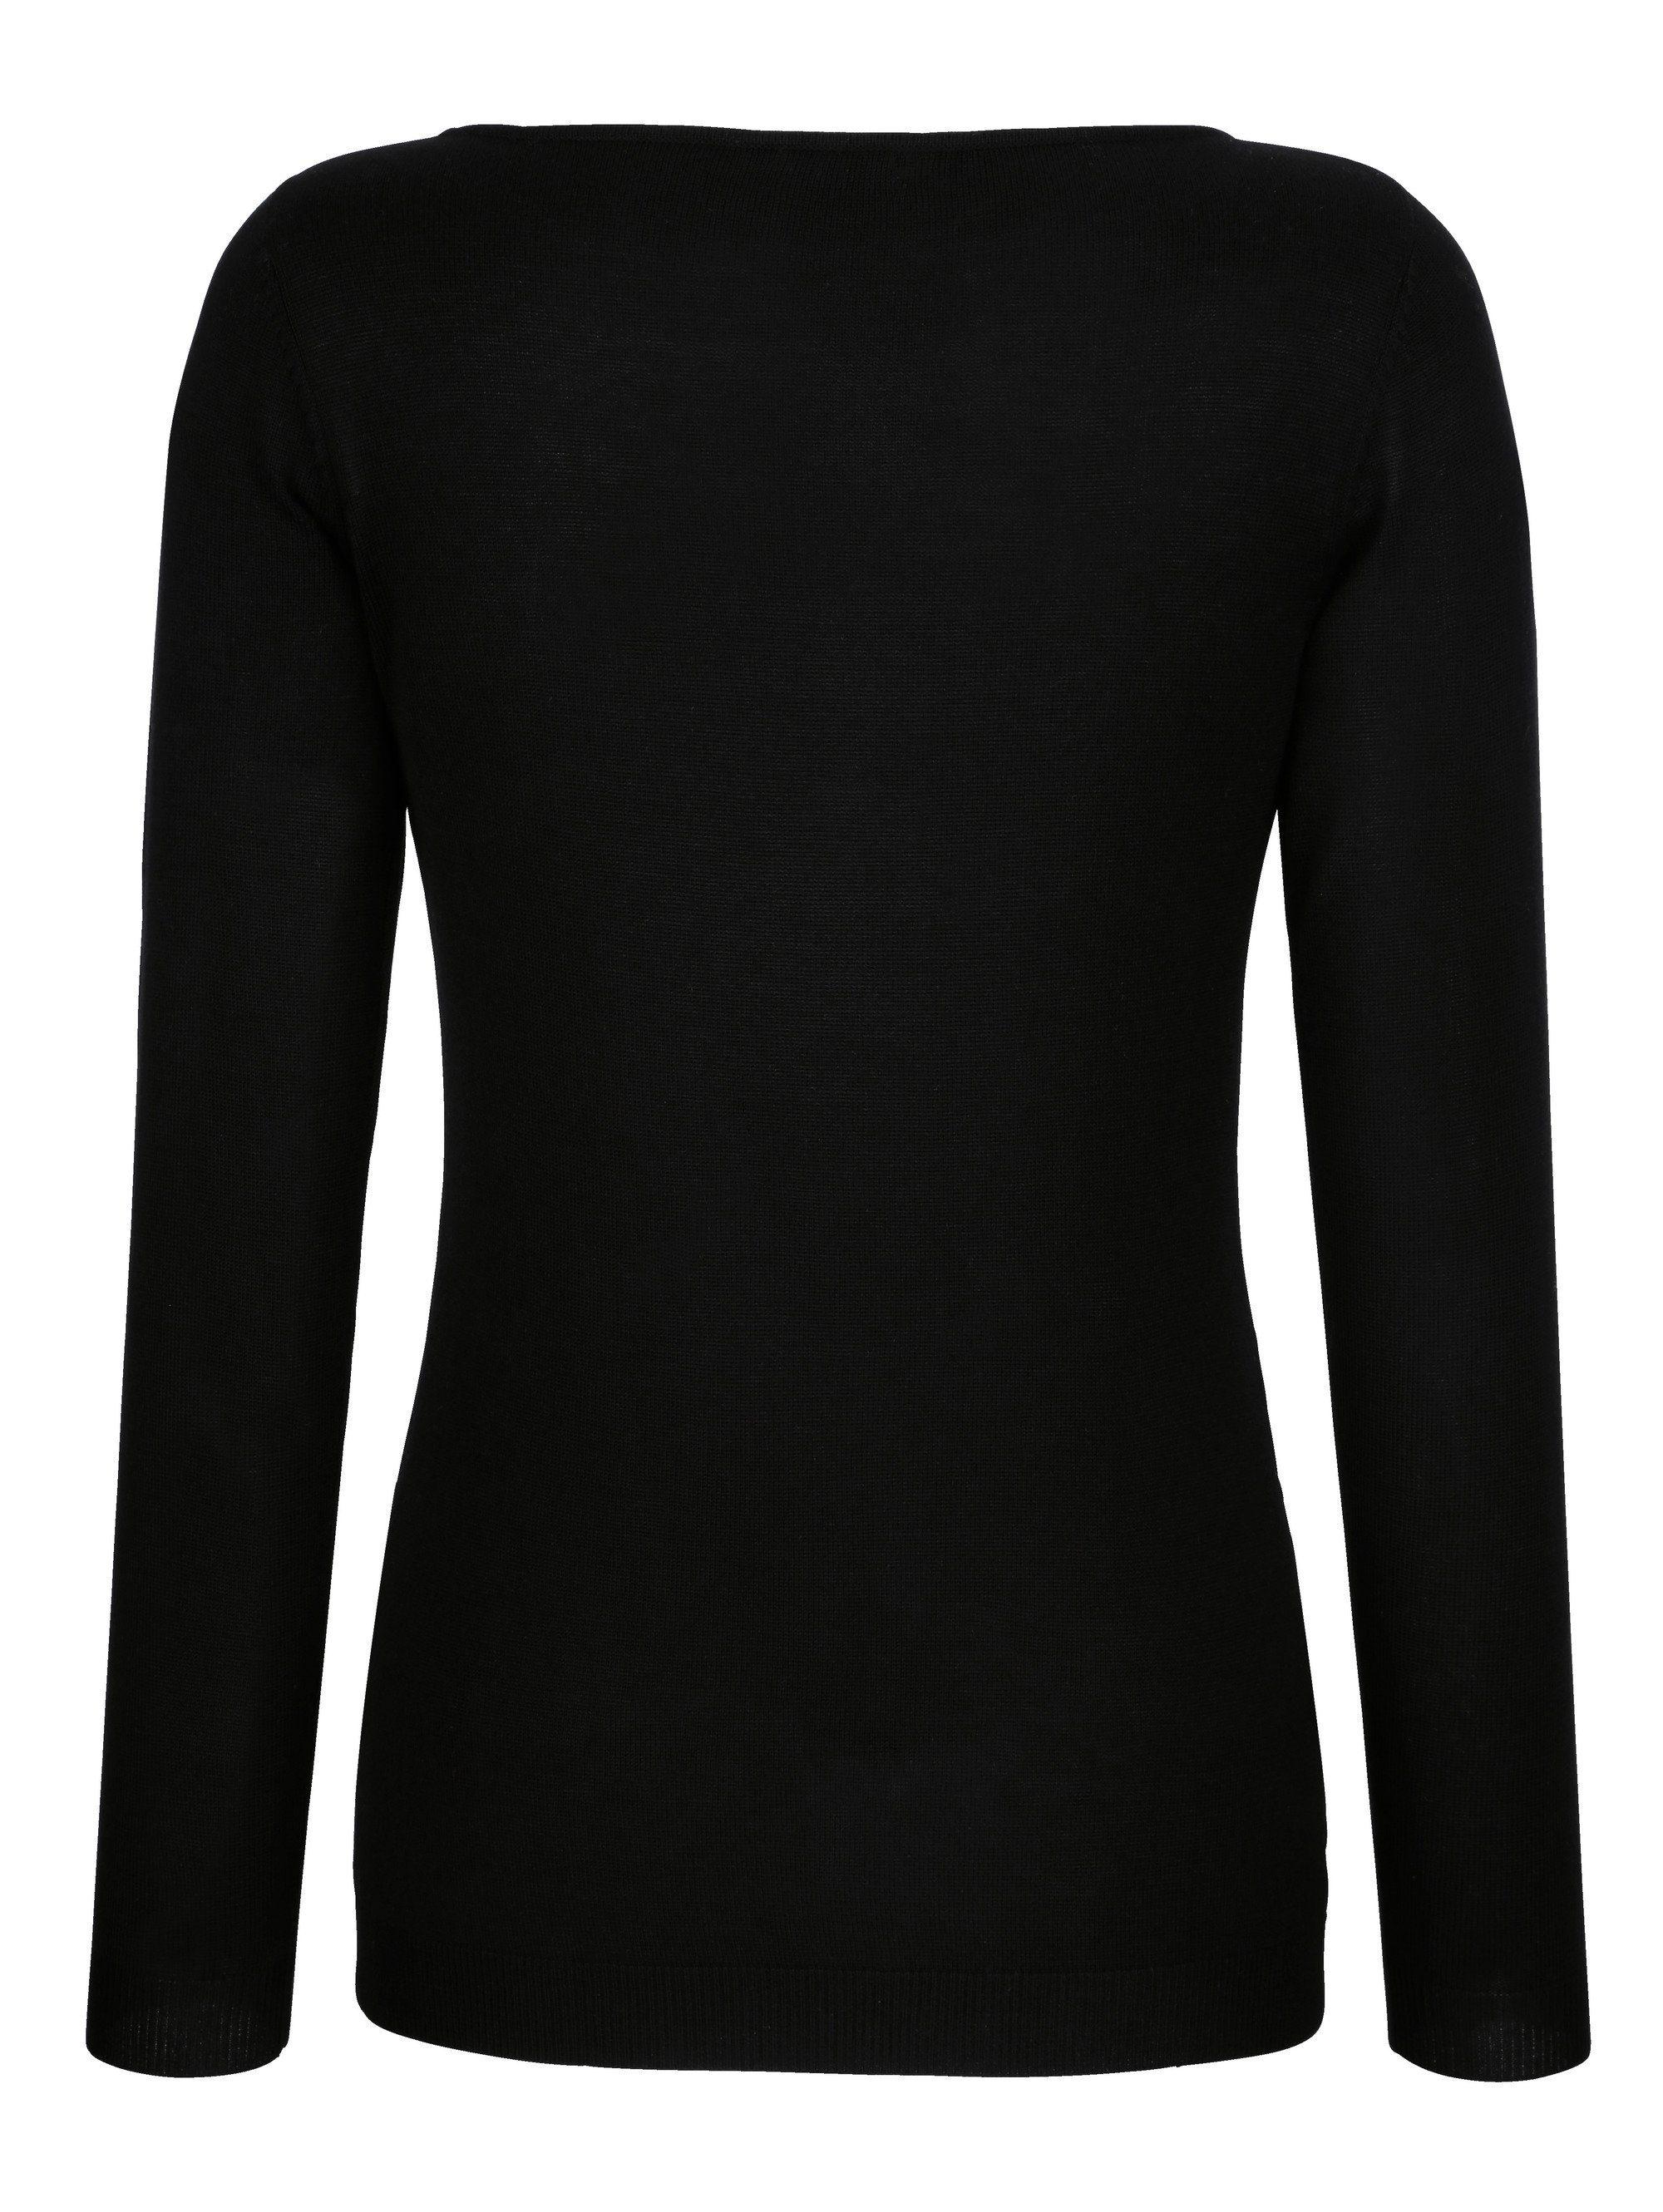 Pullover Trageangenehmer Alba Moda In Ware Kaufen 1cuK3JTlF5